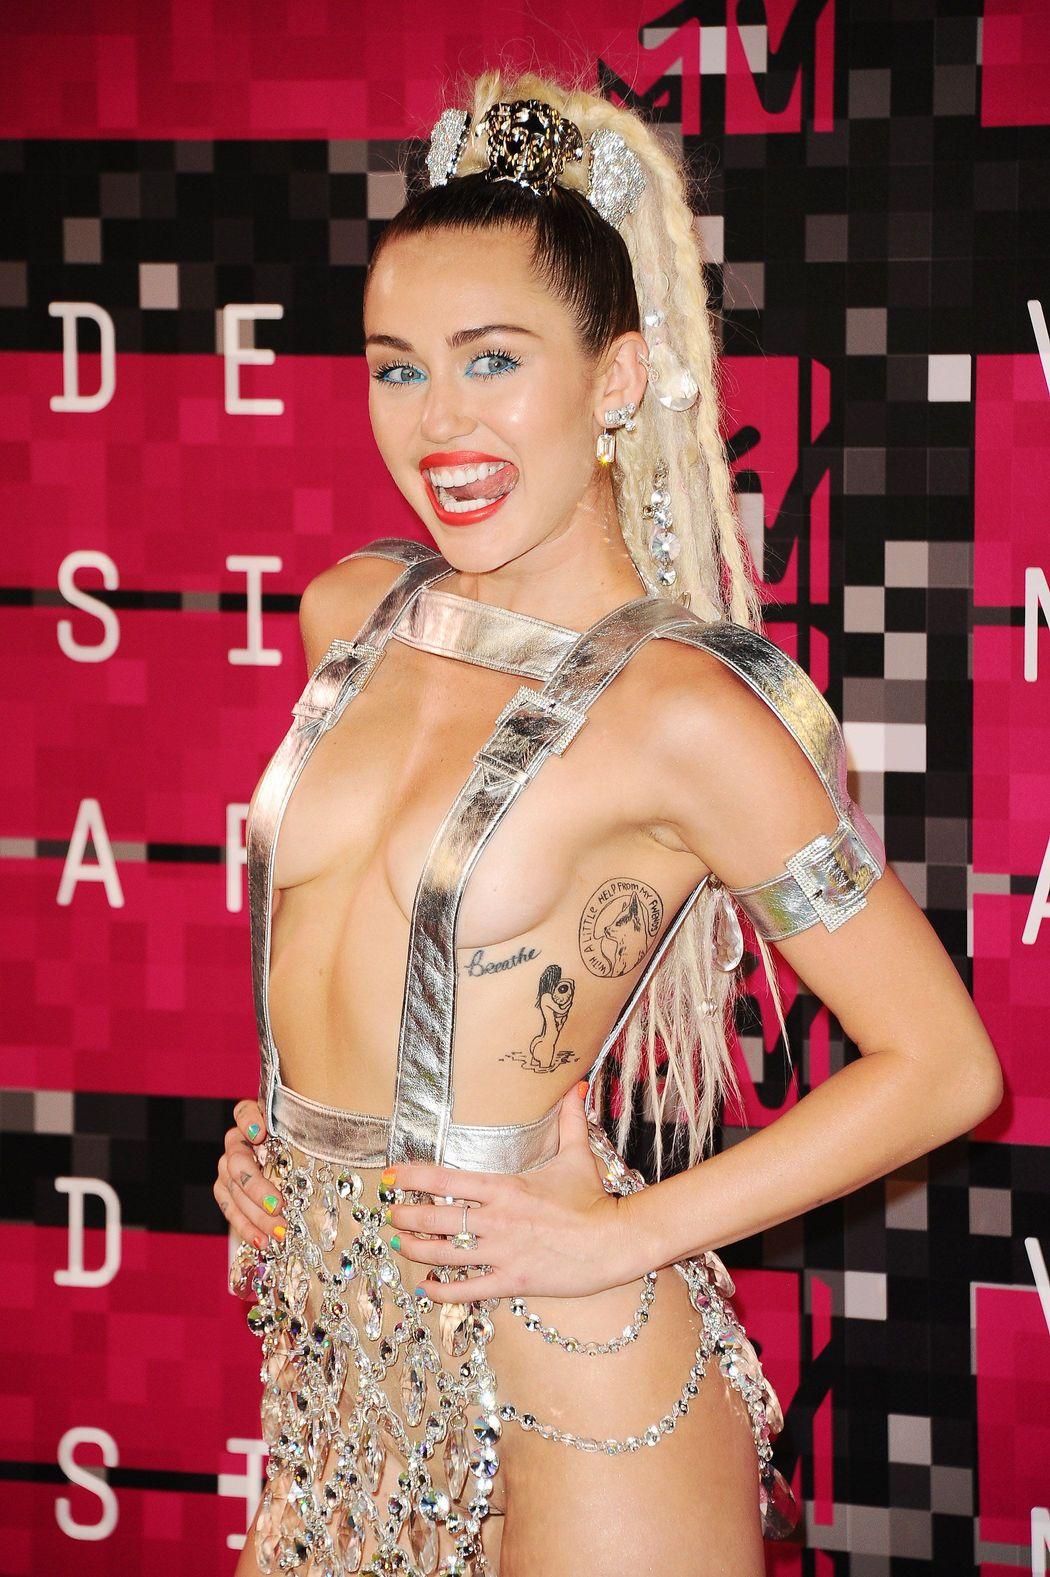 Miley-Cyrus-Sexy-55